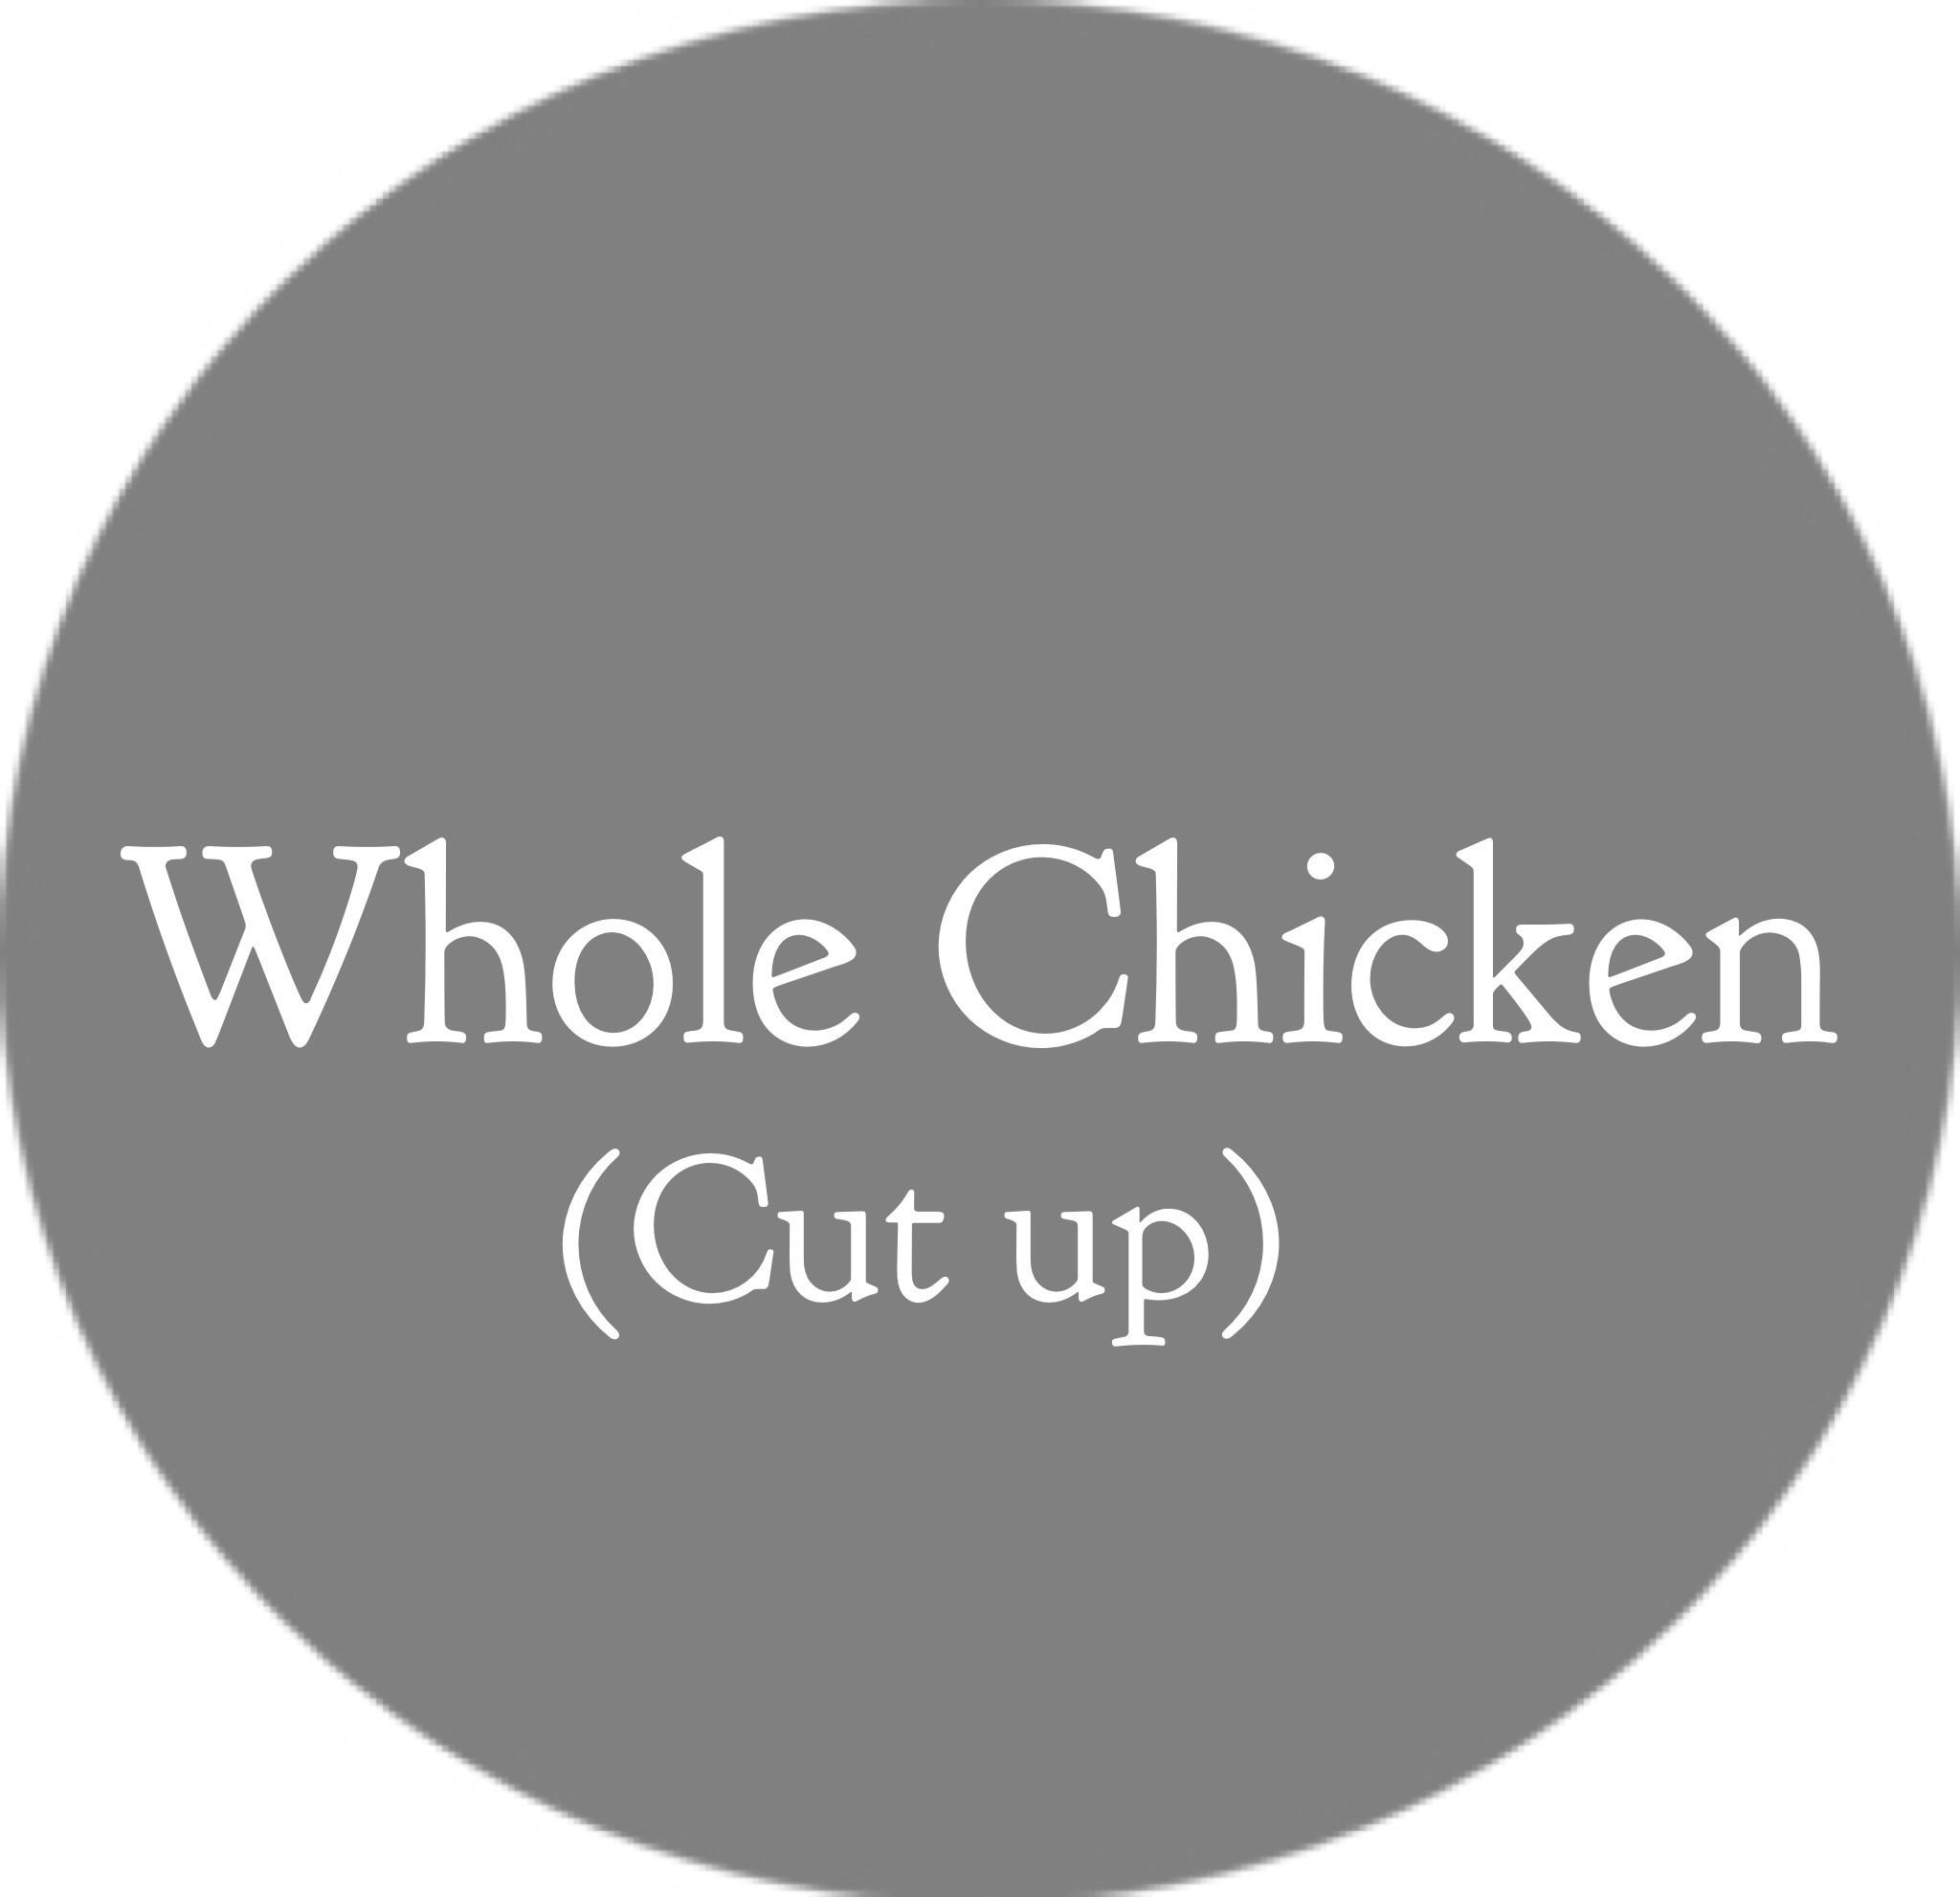 Chicken (Whole Chicken, Cut up)